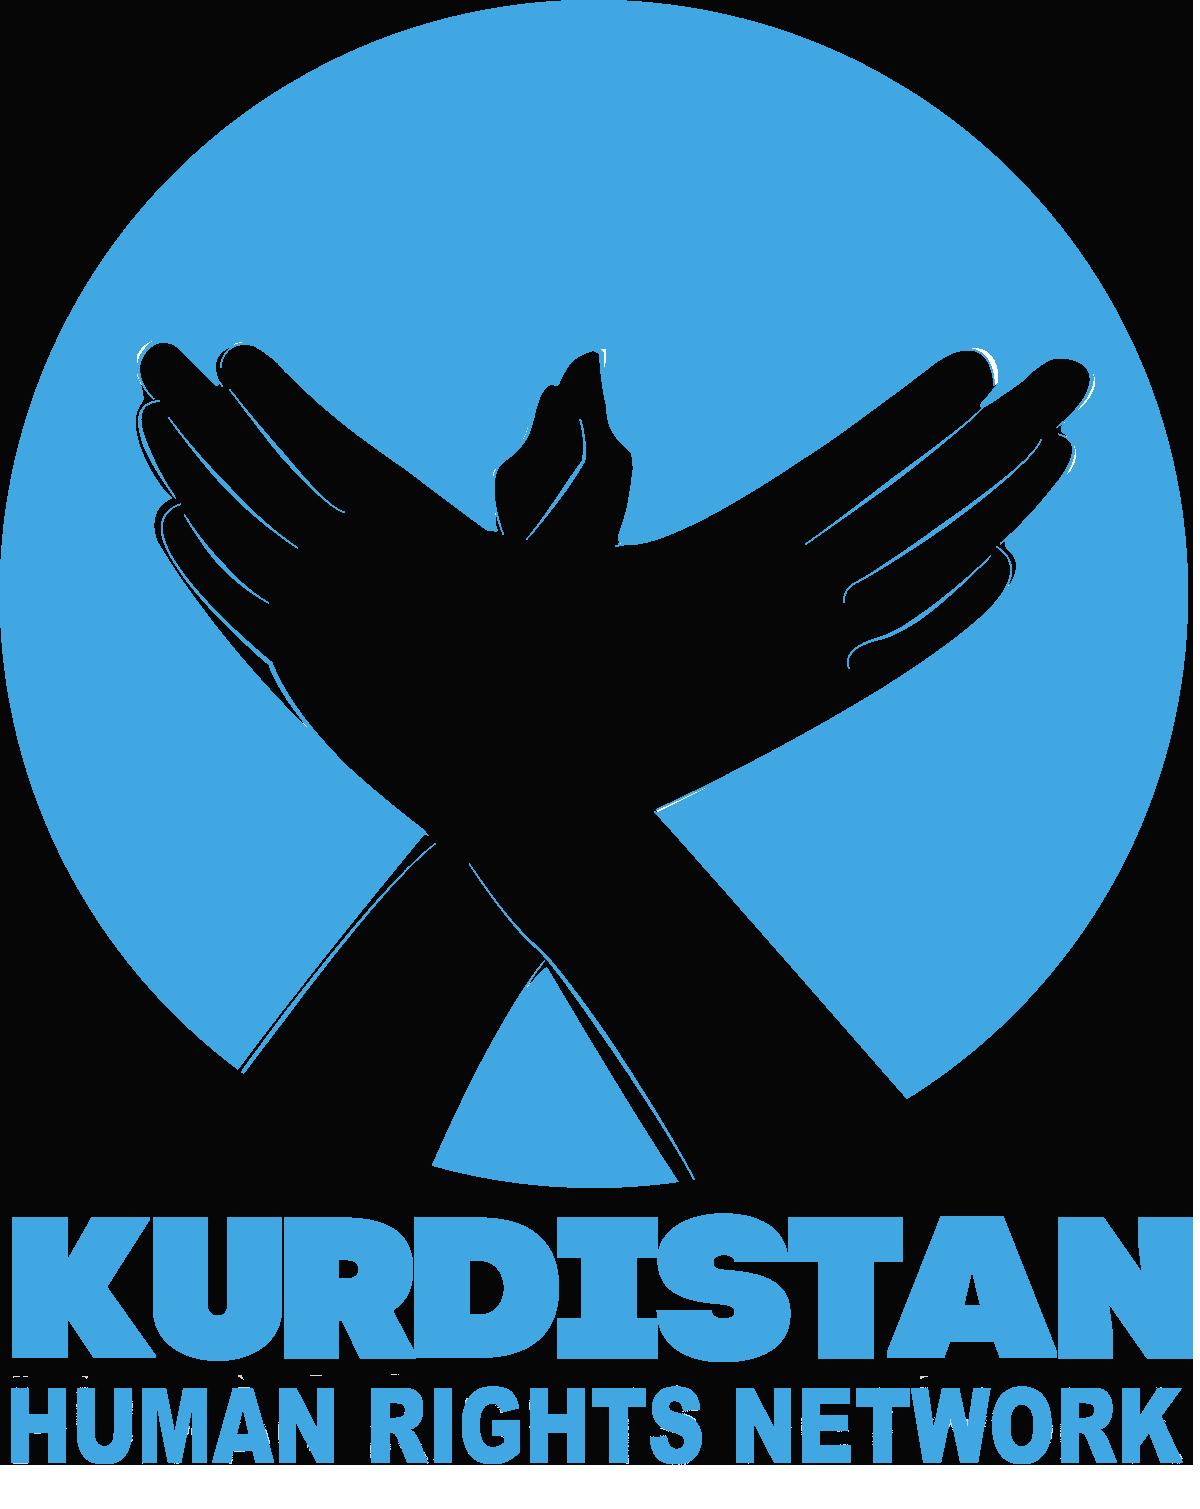 KurdistanHRNet